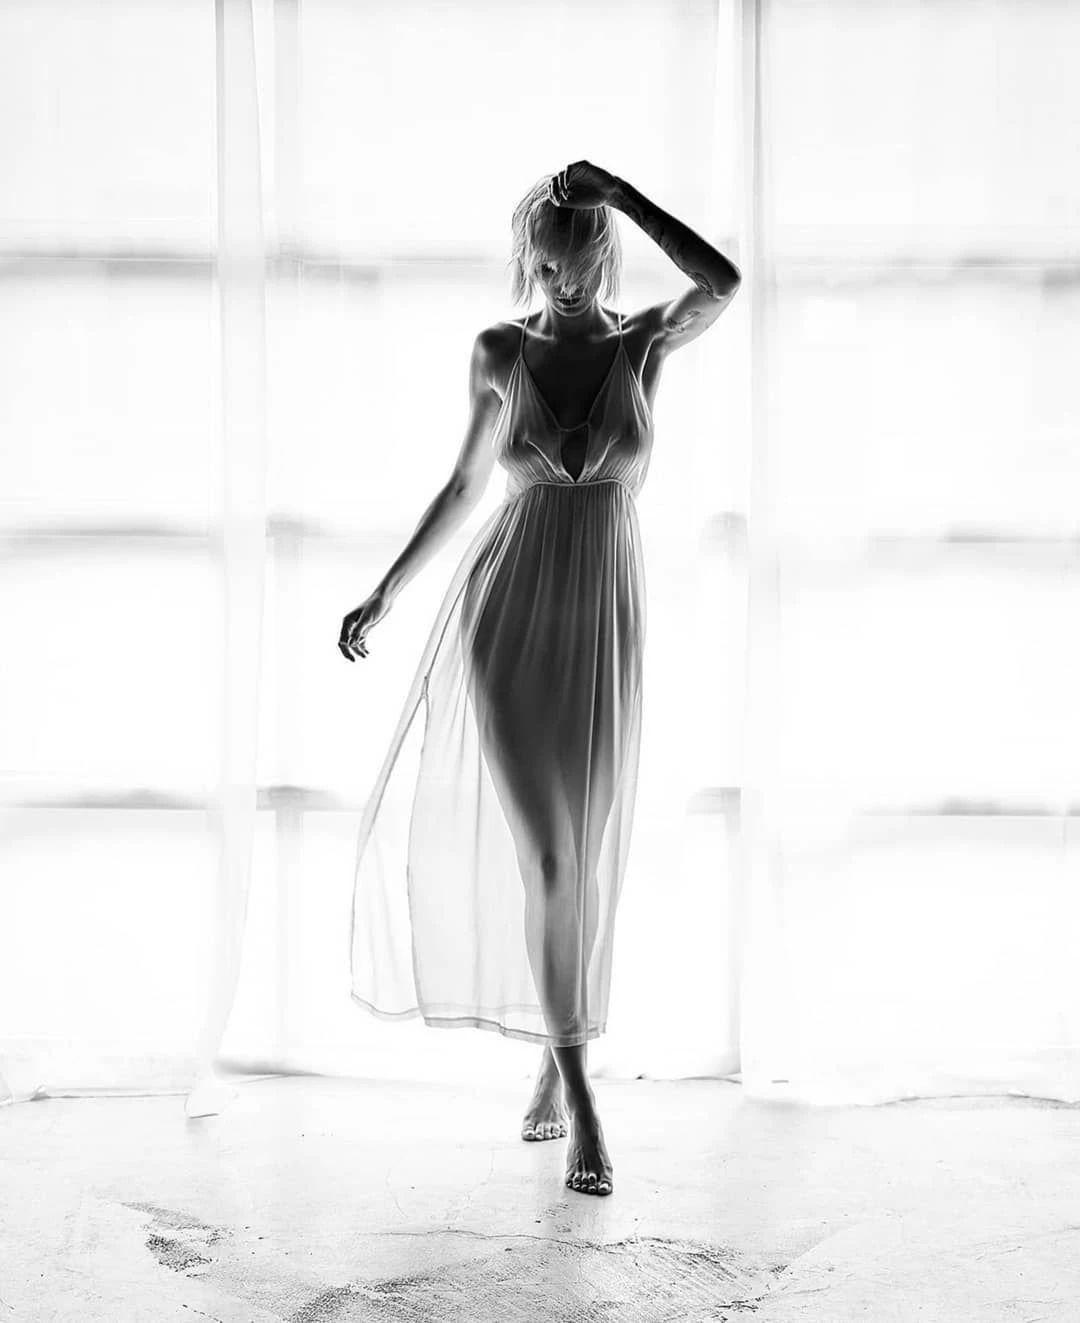 优雅的黑白人体摄影,极致的美感插图(9)